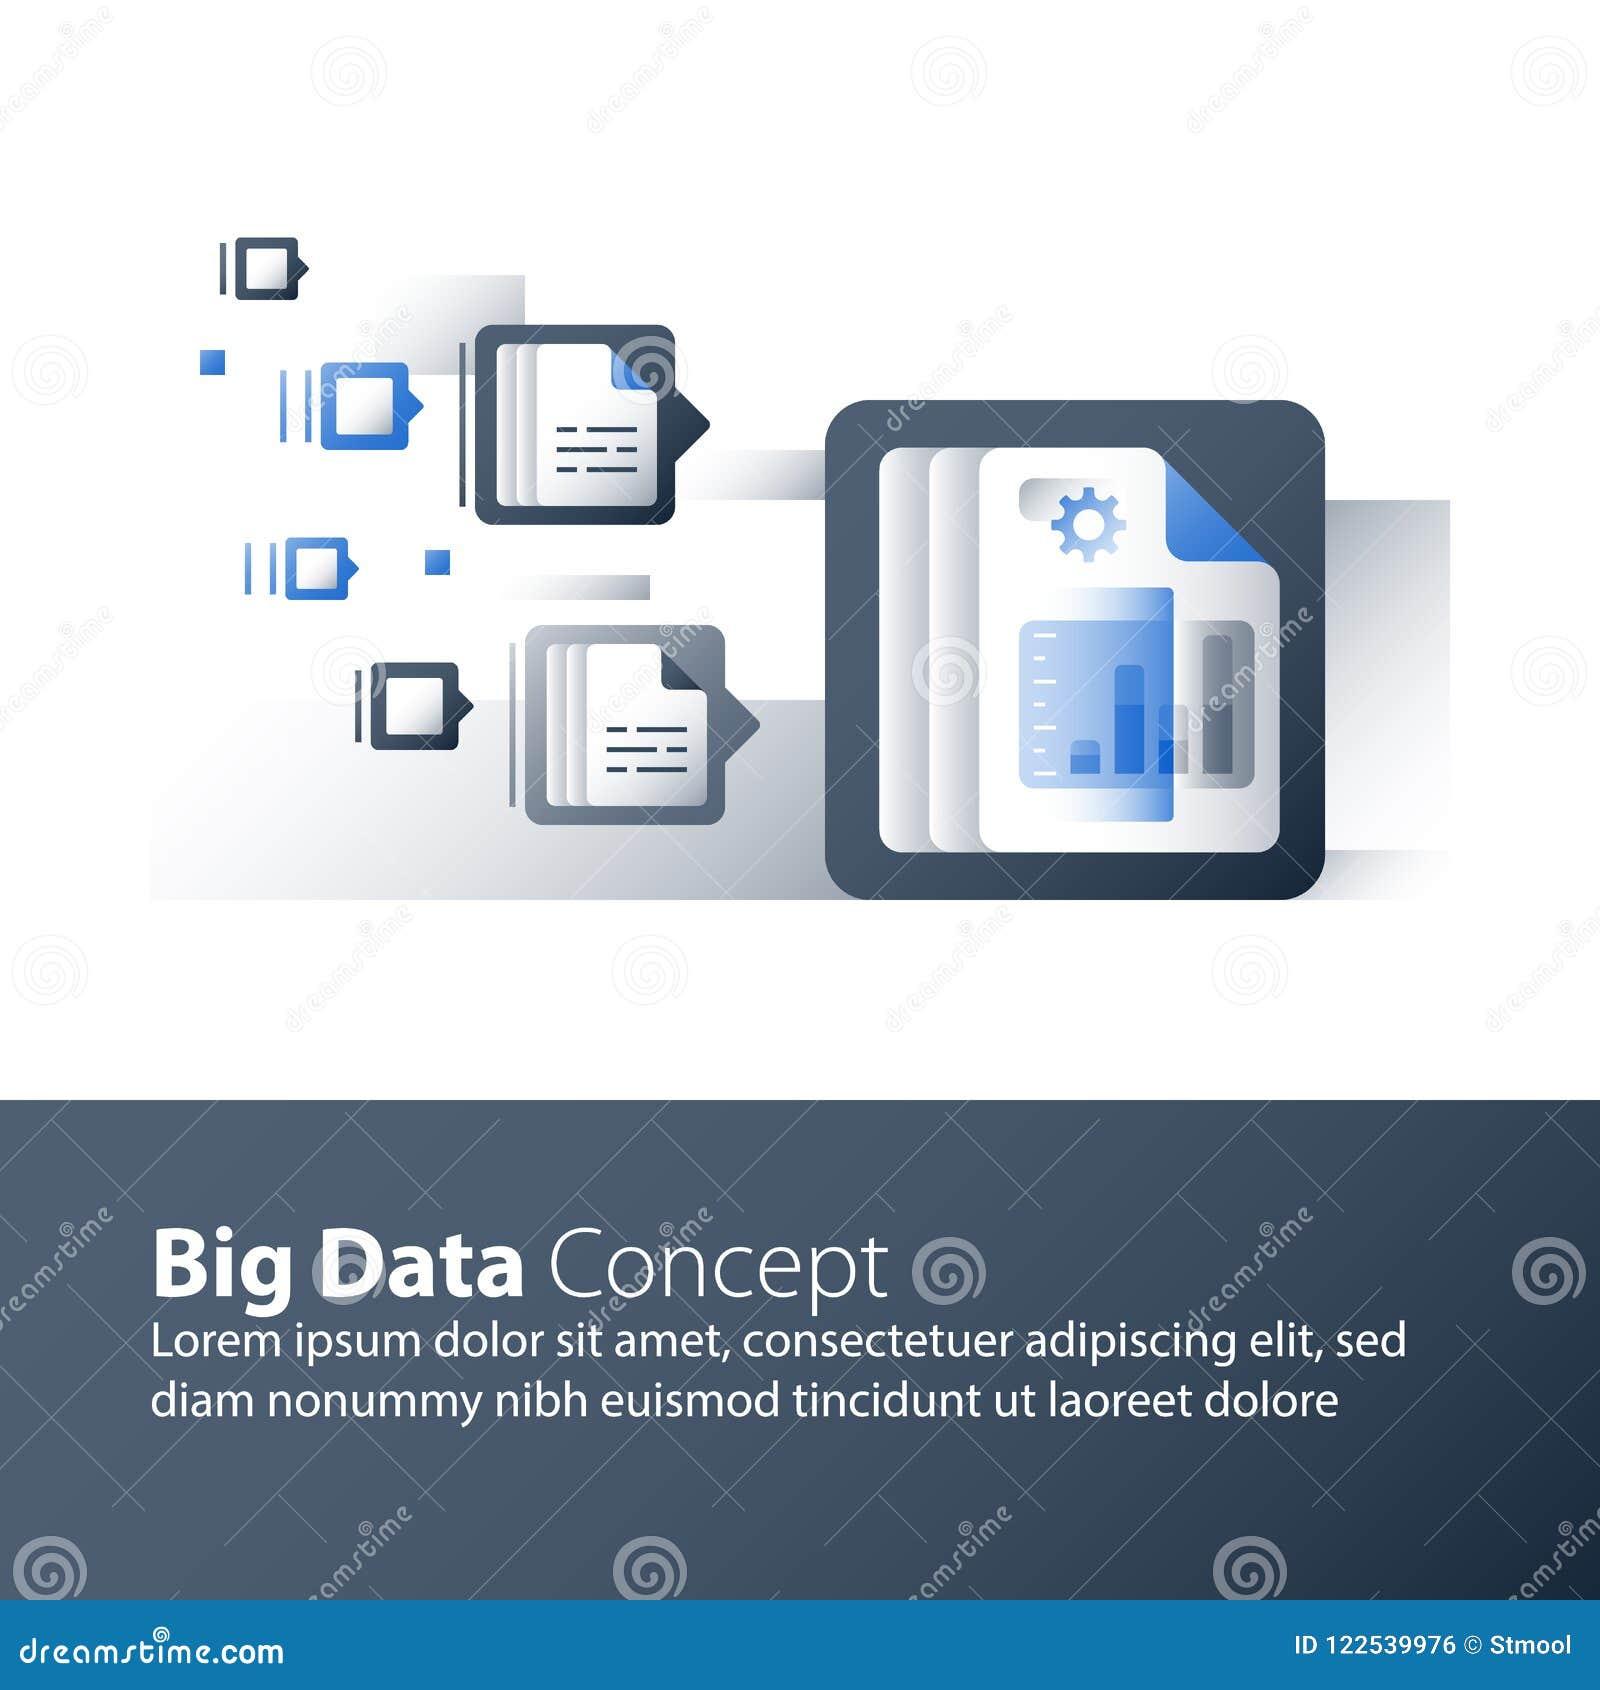 Συλλογή πληροφοριών και επεξεργασία, μεγάλα στοιχεία που αναλύουν, γραφική παράσταση εκθέσεων, επιχειρησιακή τεχνολογία